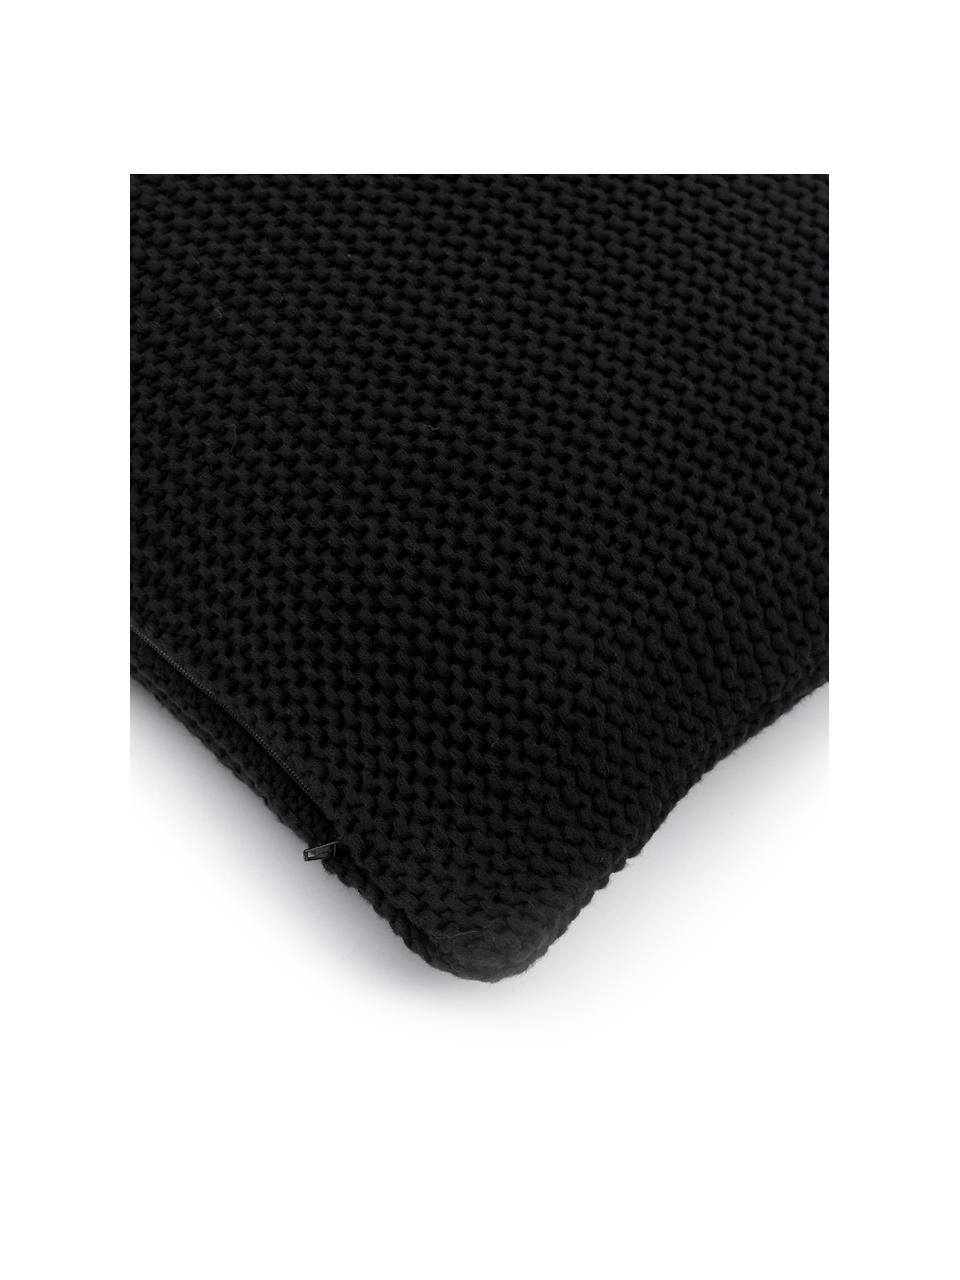 Gebreide kussenhoes Adalyn van biokatoen in zwart, 100% biokatoen, GOTS-gecertificeerd, Zwart, 50 x 50 cm